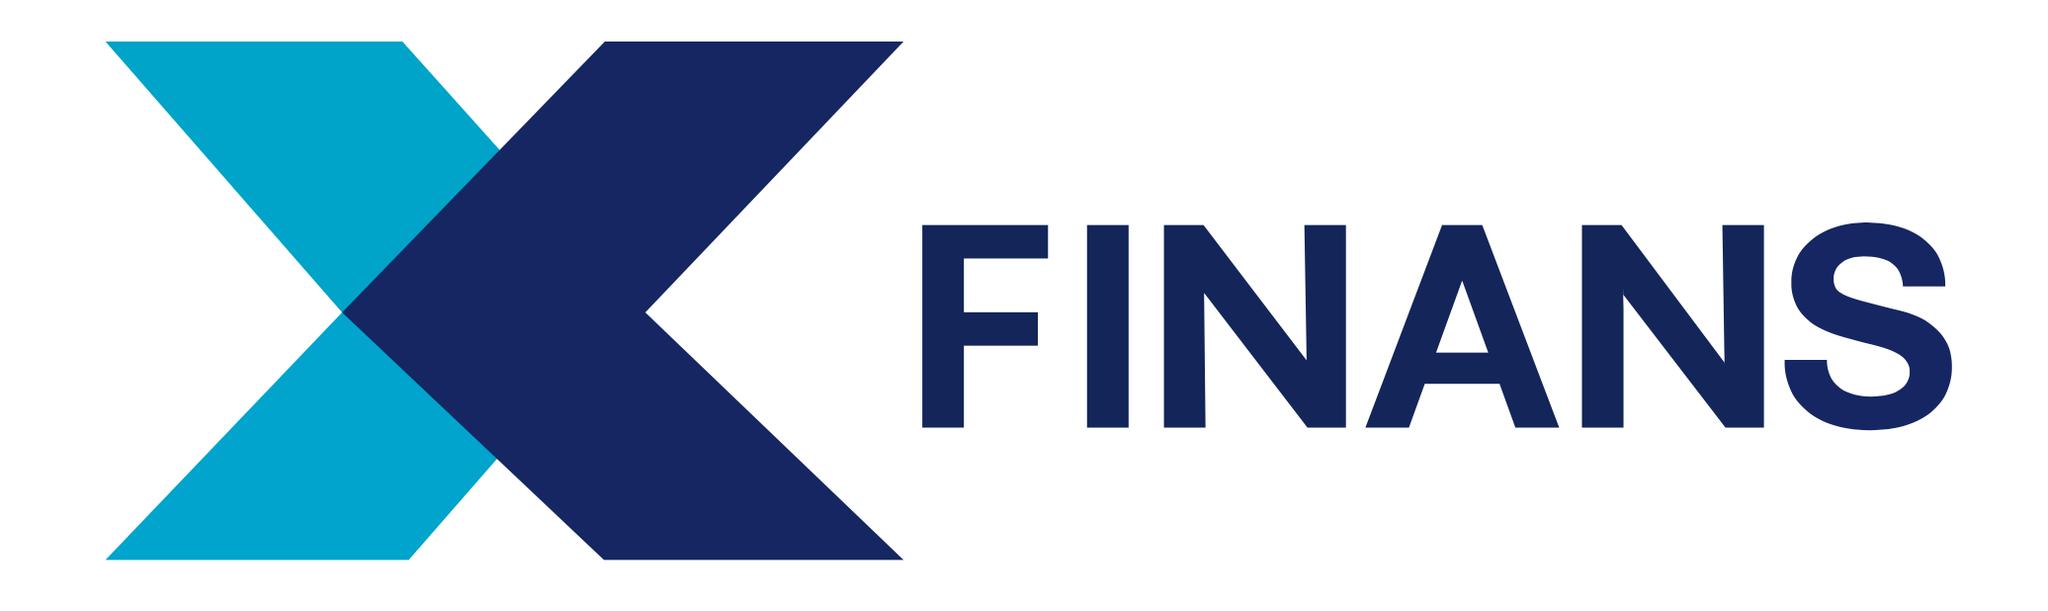 Låna pengar hos Xfinans